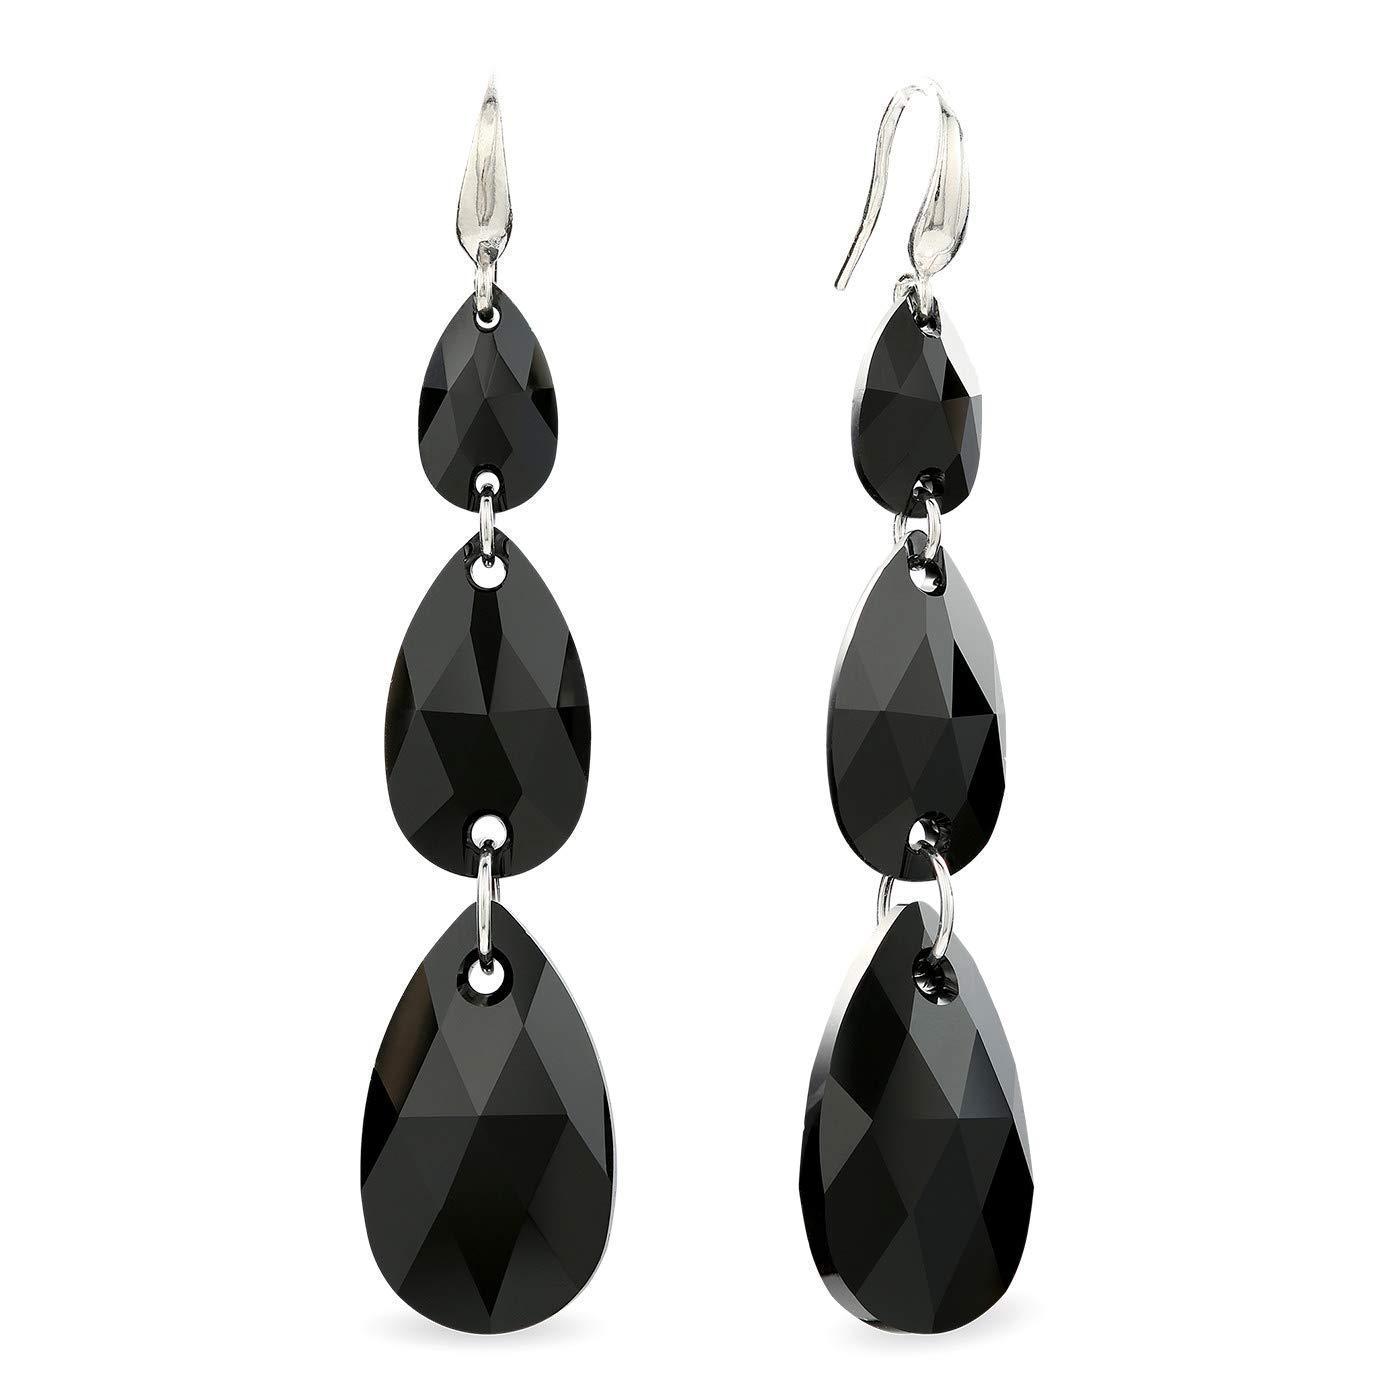 LA SENJA Pendientes lágrima de cristal negro, pendientes largos, plata de ley 925, hechos a mano